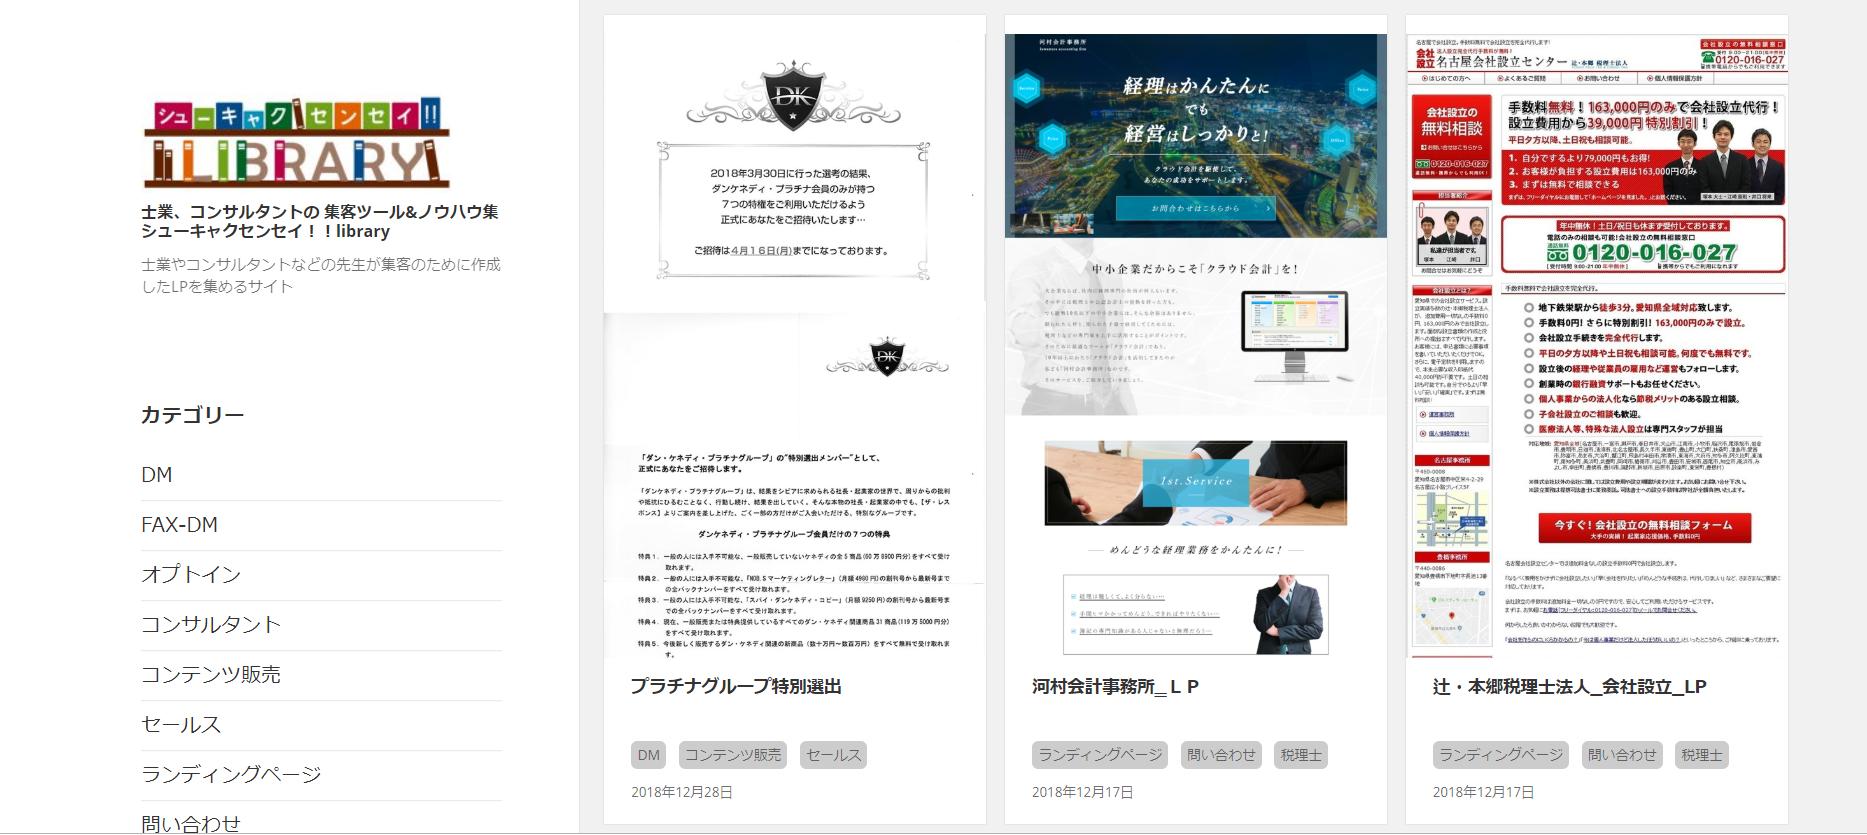 セールスレター事例集|シューキャクセンセイTOP